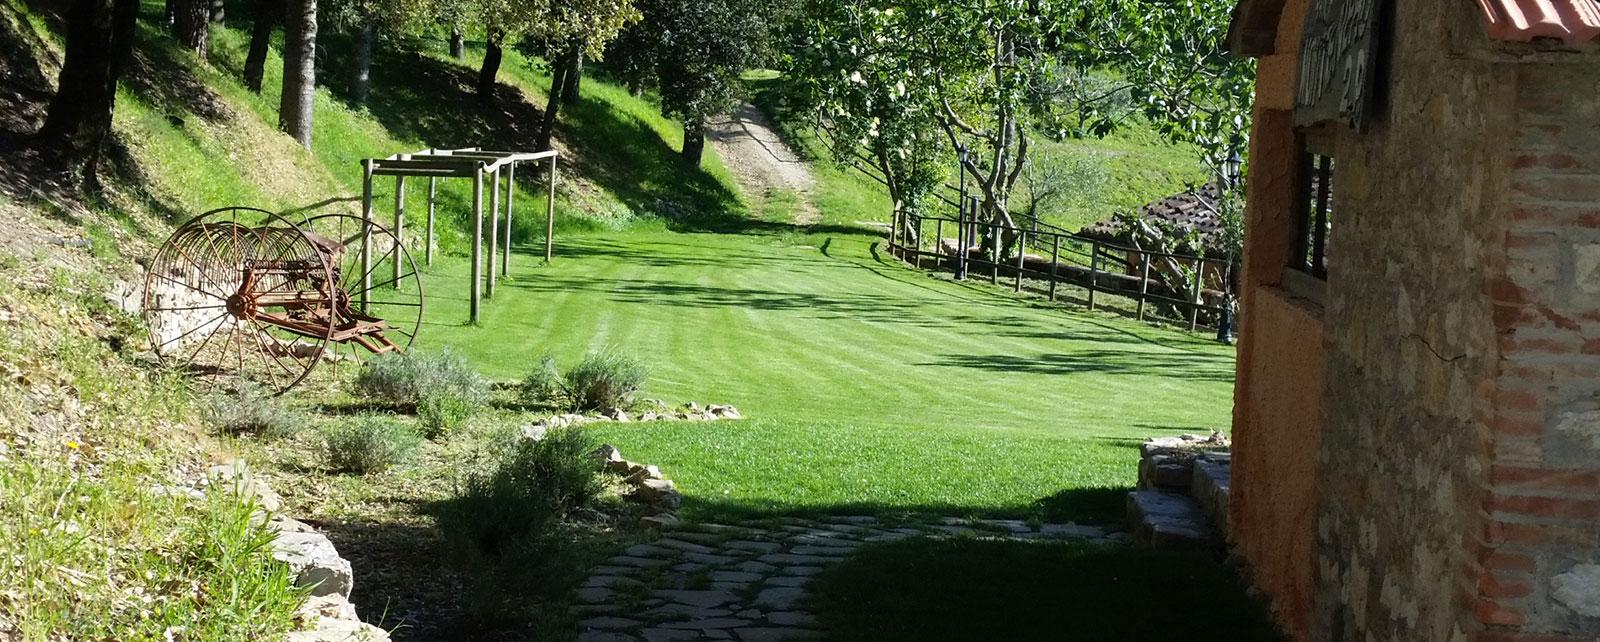 Realizzazione e manutenzione giardino perugia for Giardini ornamentali